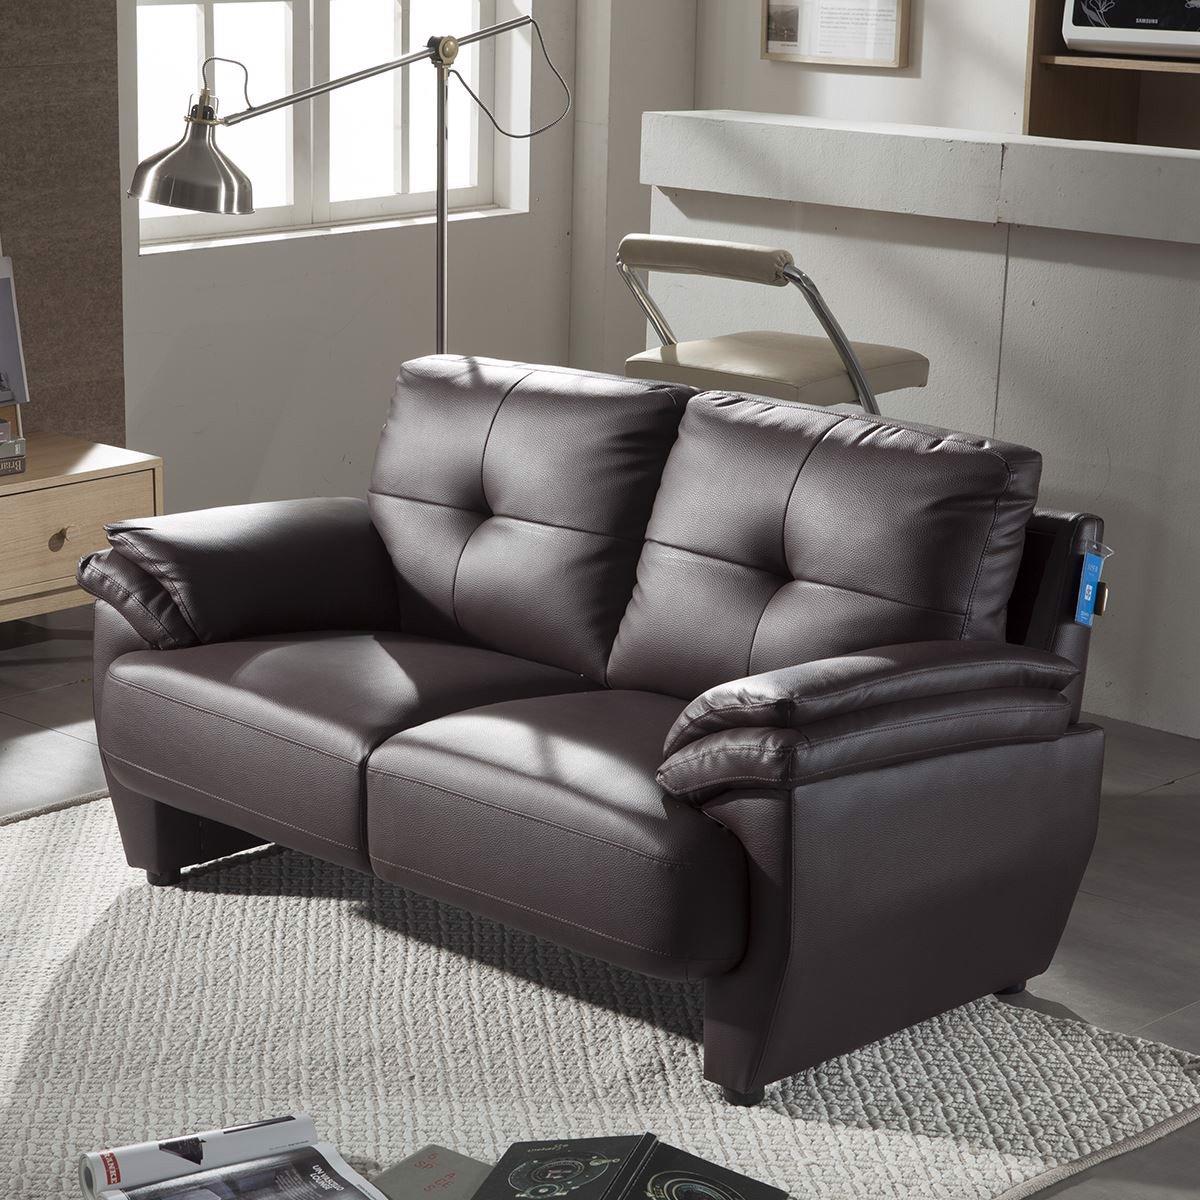 Một vài cách làm sạch ghế sofa cho các loại ghế thông dụng